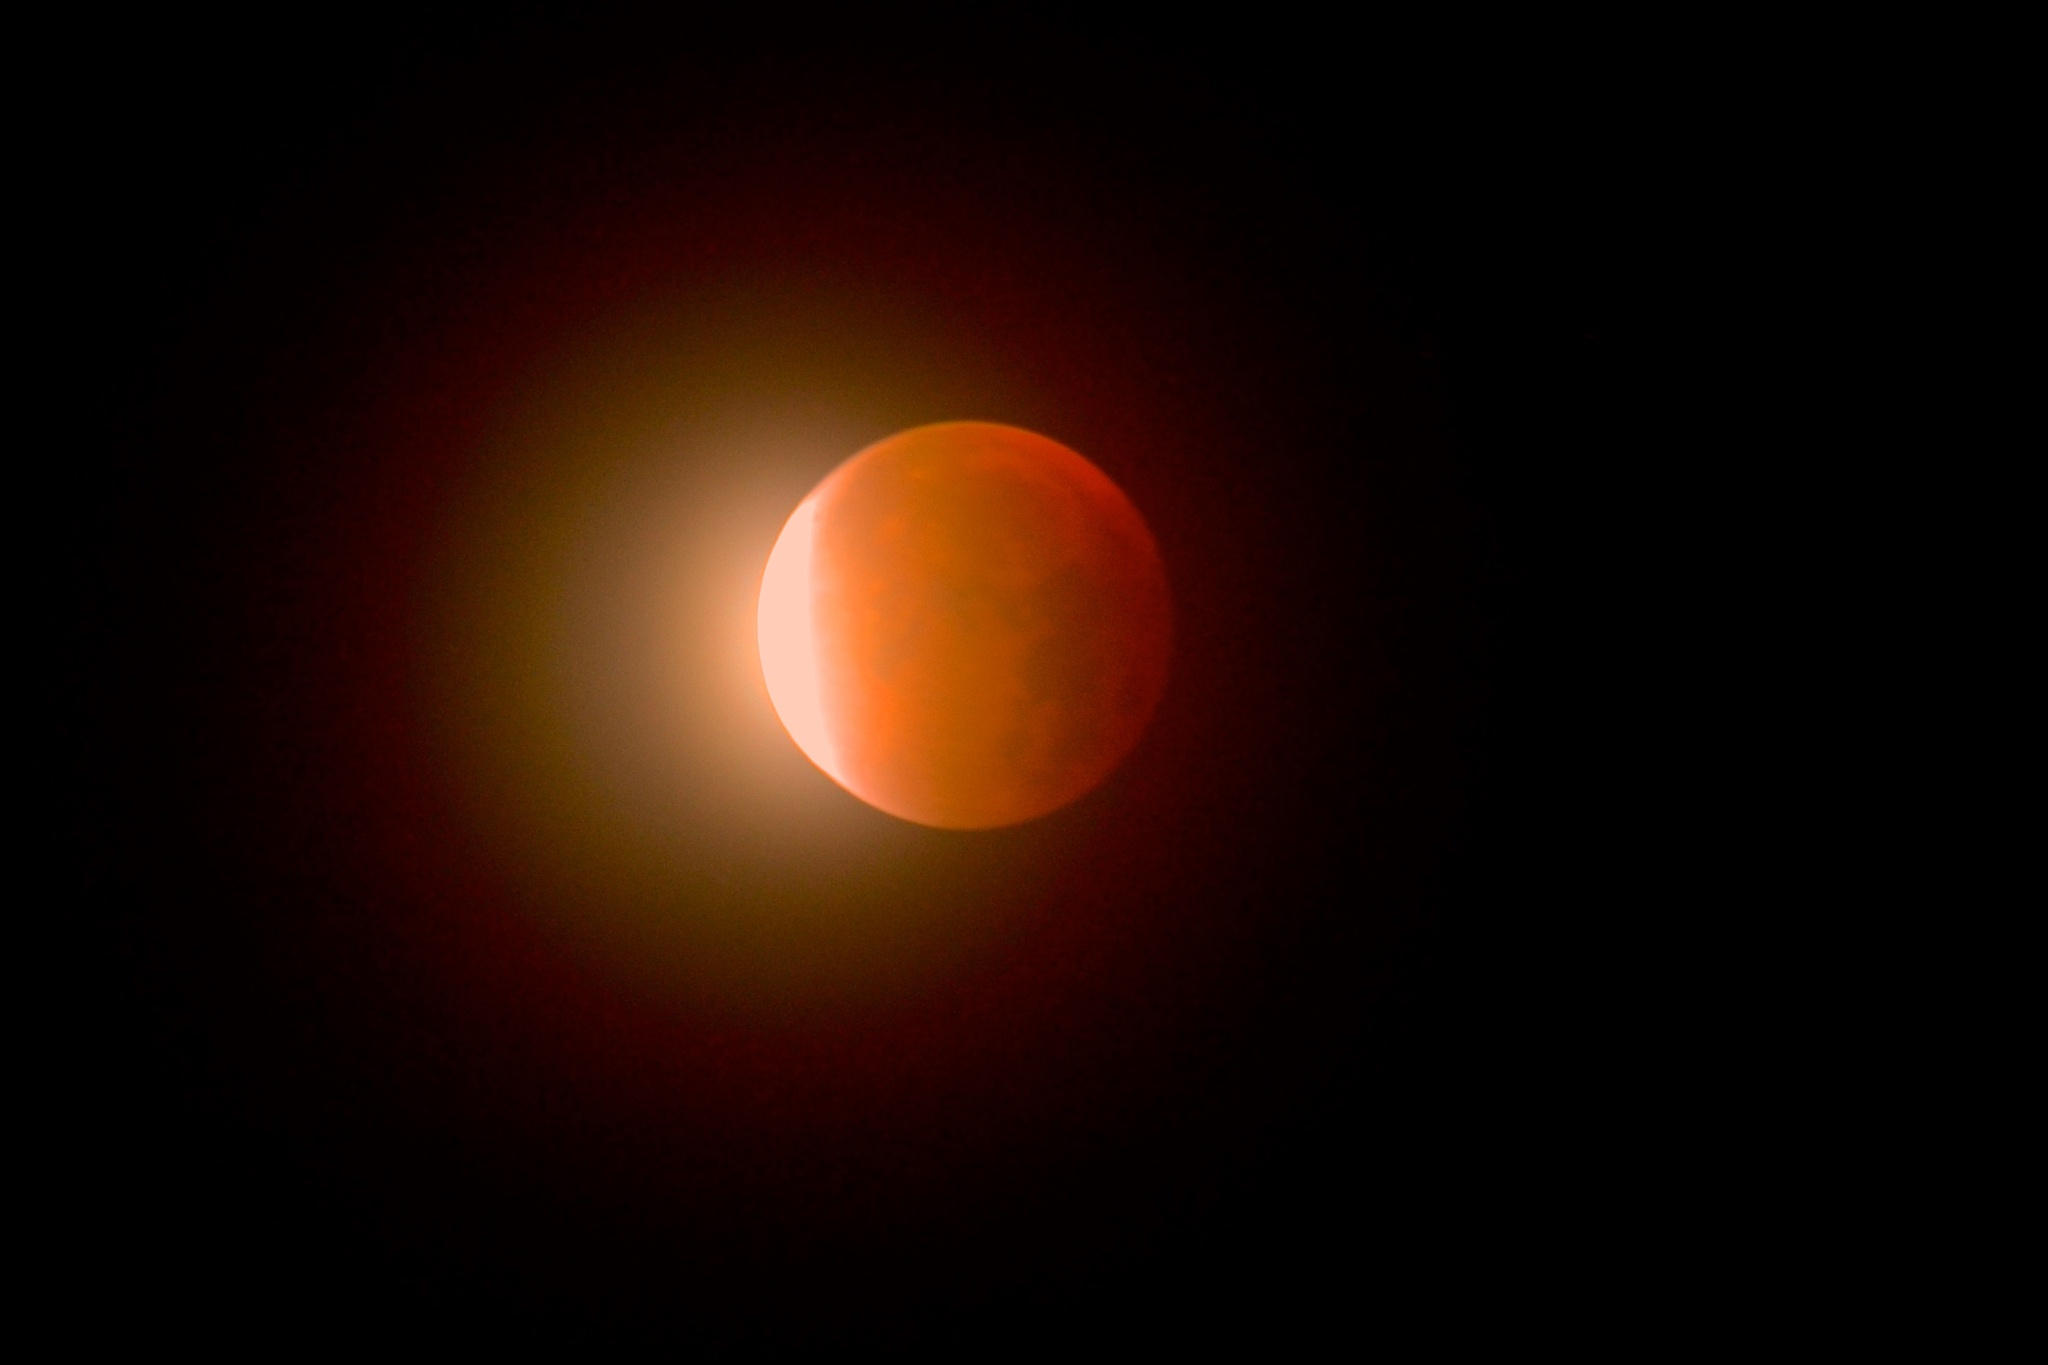 Lunar Eclipse 2015 by AlanWilliams